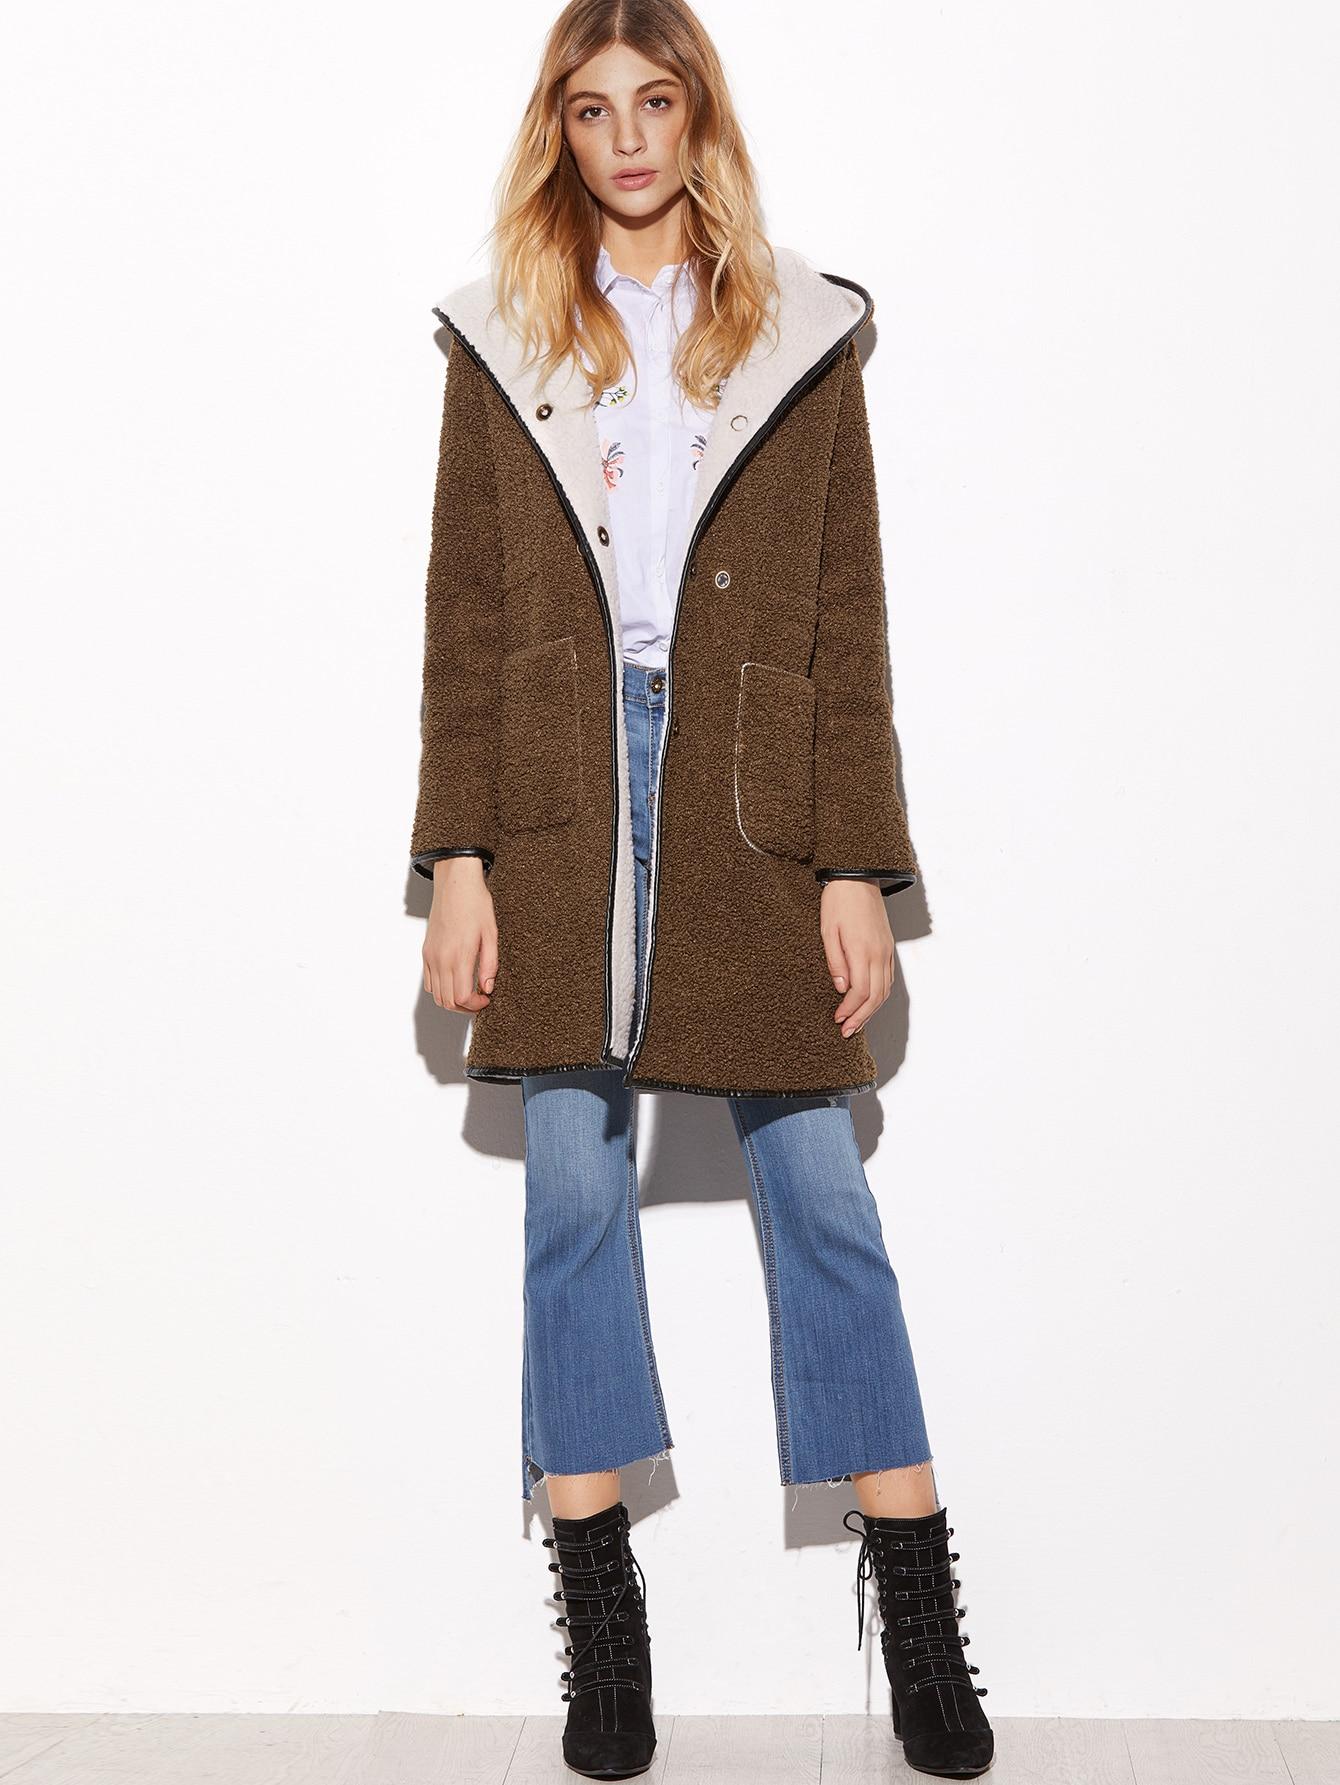 manteau capuche en tonte fausse avec double poches devant marron french romwe. Black Bedroom Furniture Sets. Home Design Ideas